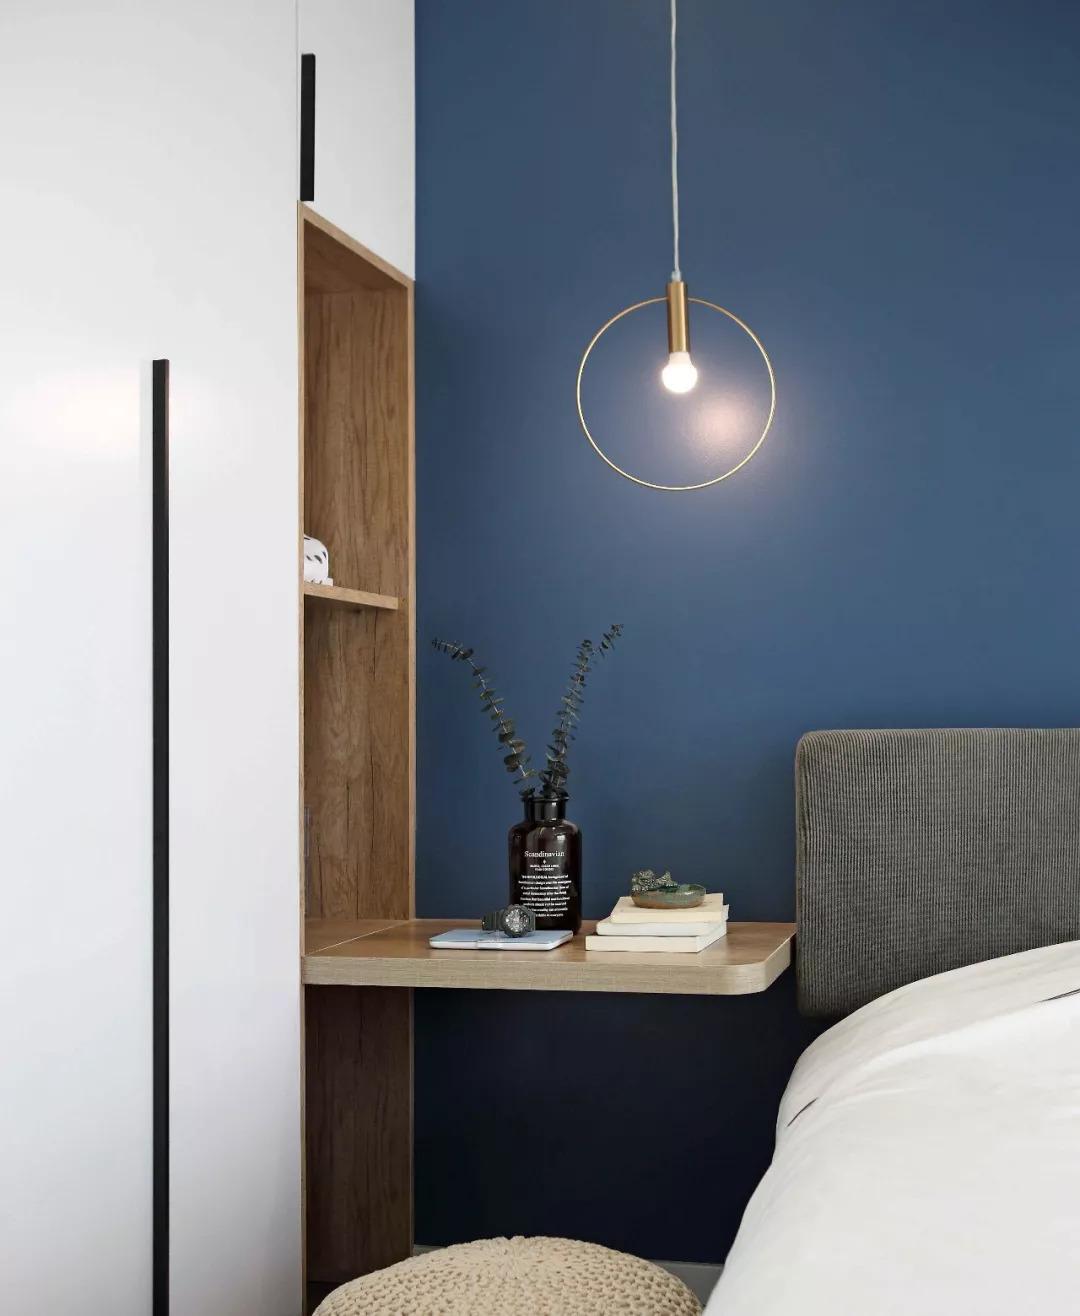 省去床头柜空间,打造床头阅读一隅,将屋主的居家生活诉求,具化为设计图片